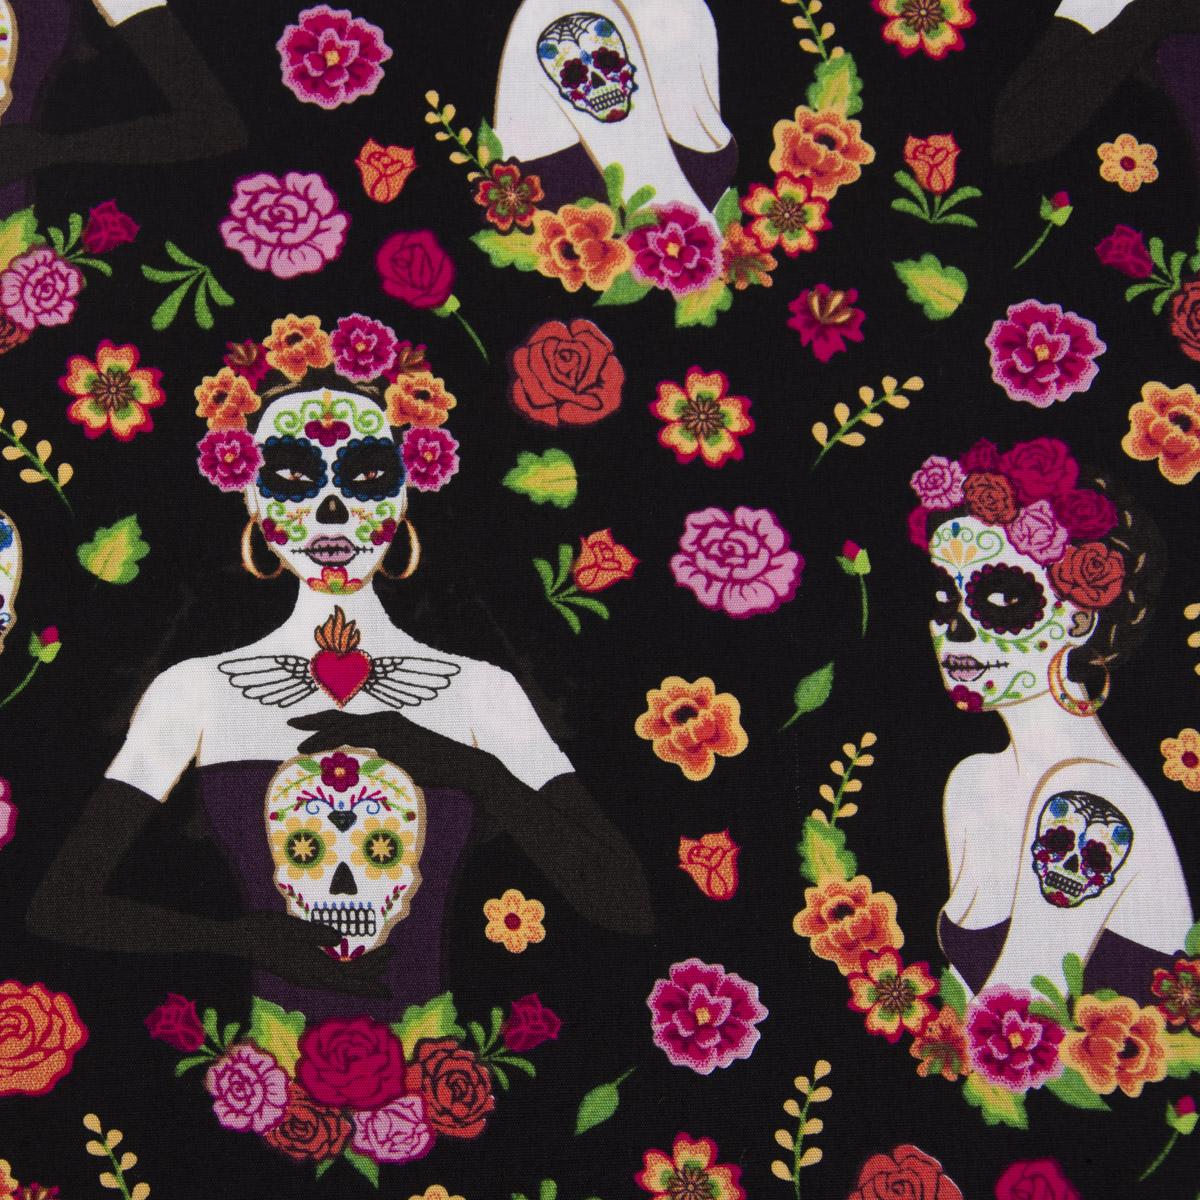 Baumwollstoff Totenkopf Blumen schwarz pink bunt 1,42m Breite